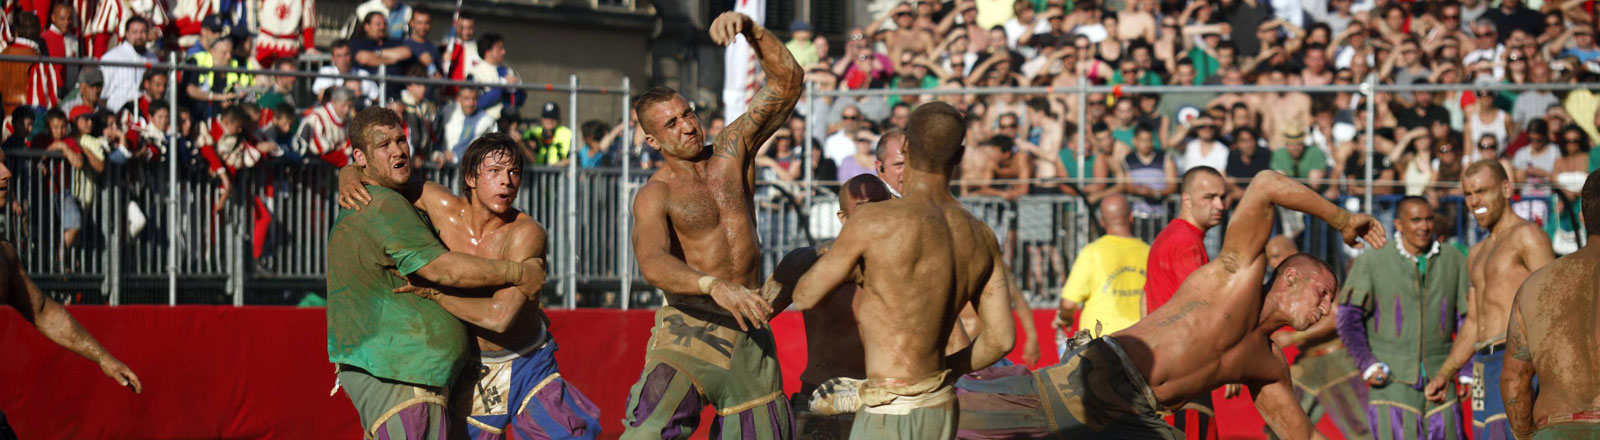 Männer spielen mittelalterliches Fußball